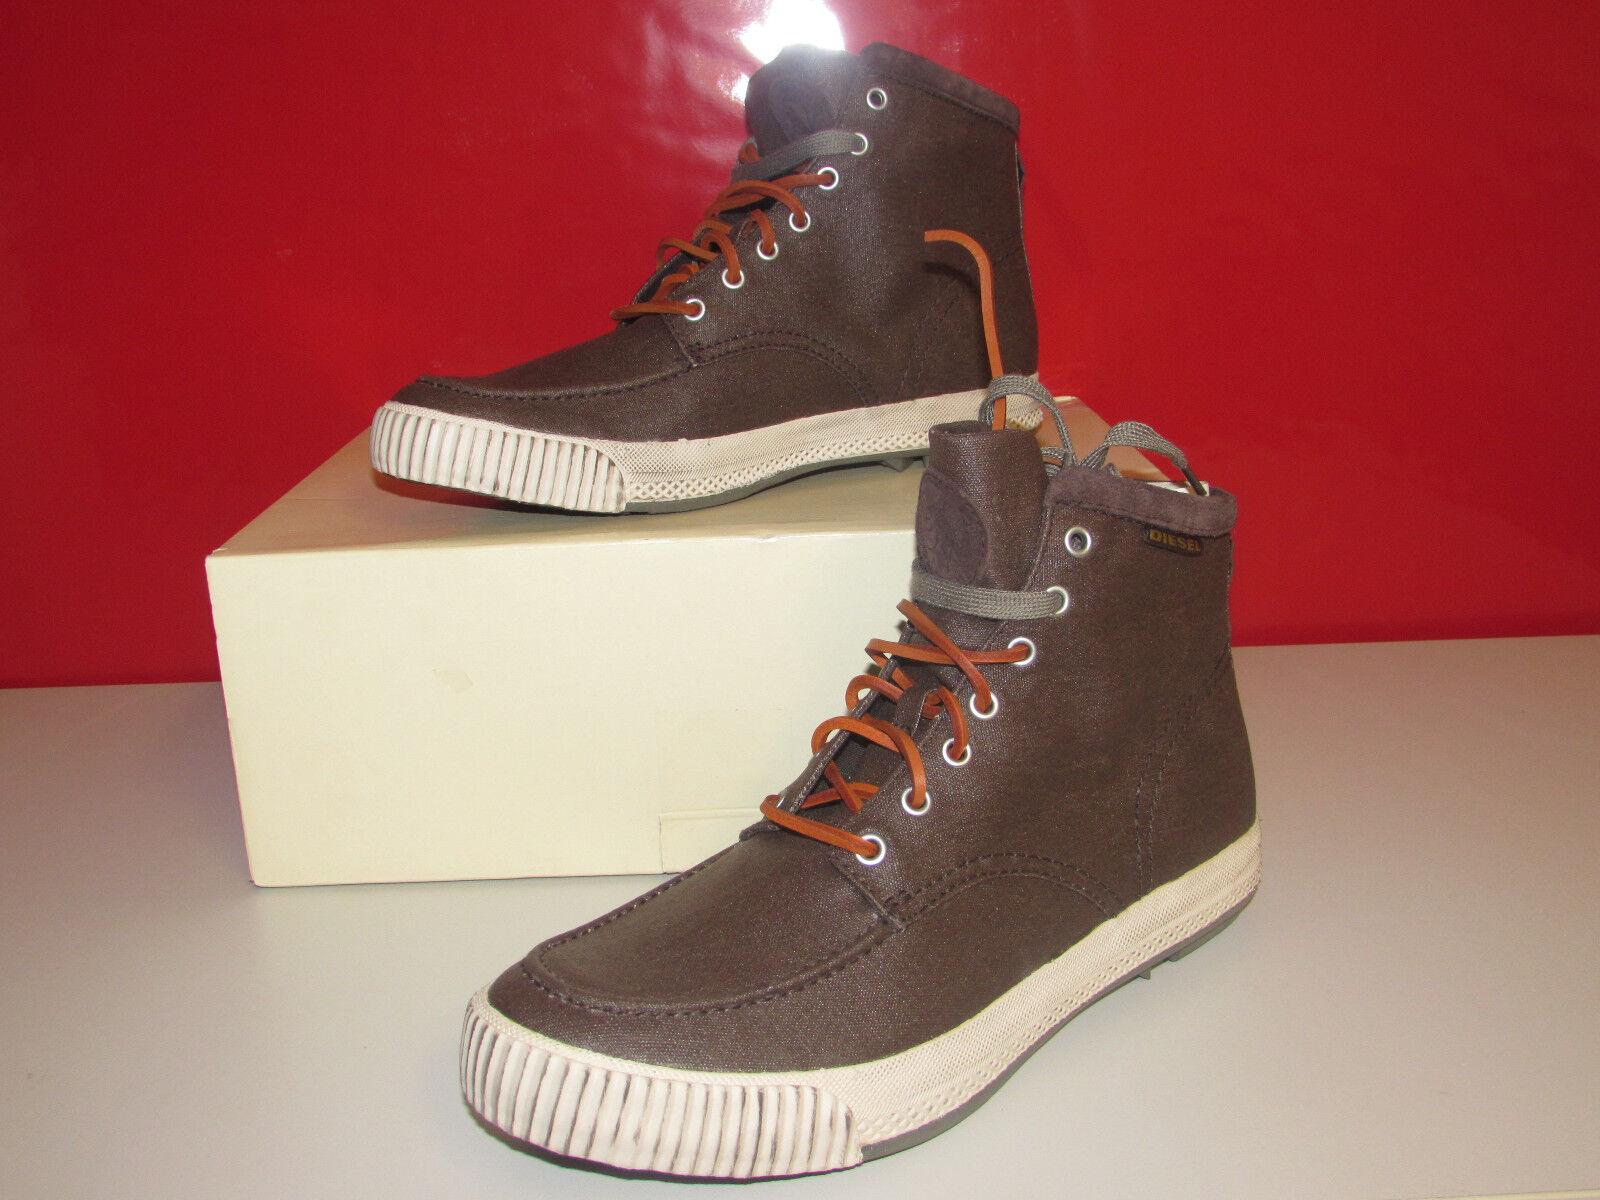 Diesel DACK Y00473 PS557 Herren Fashion Sneakers EU44